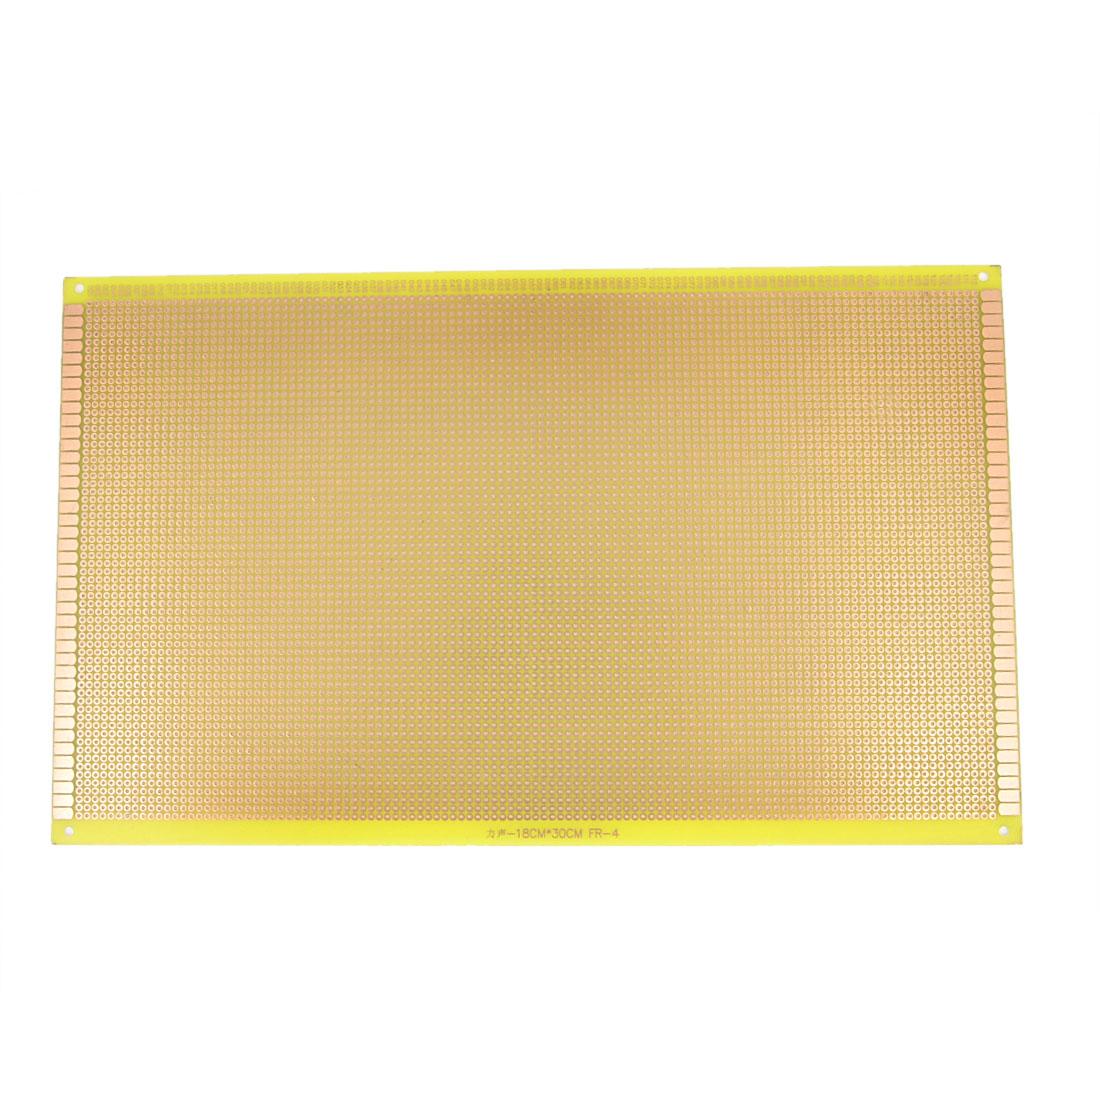 2.54mm Pitch PCB Board Prototype Breadboard Single Side 300mm x 180mm